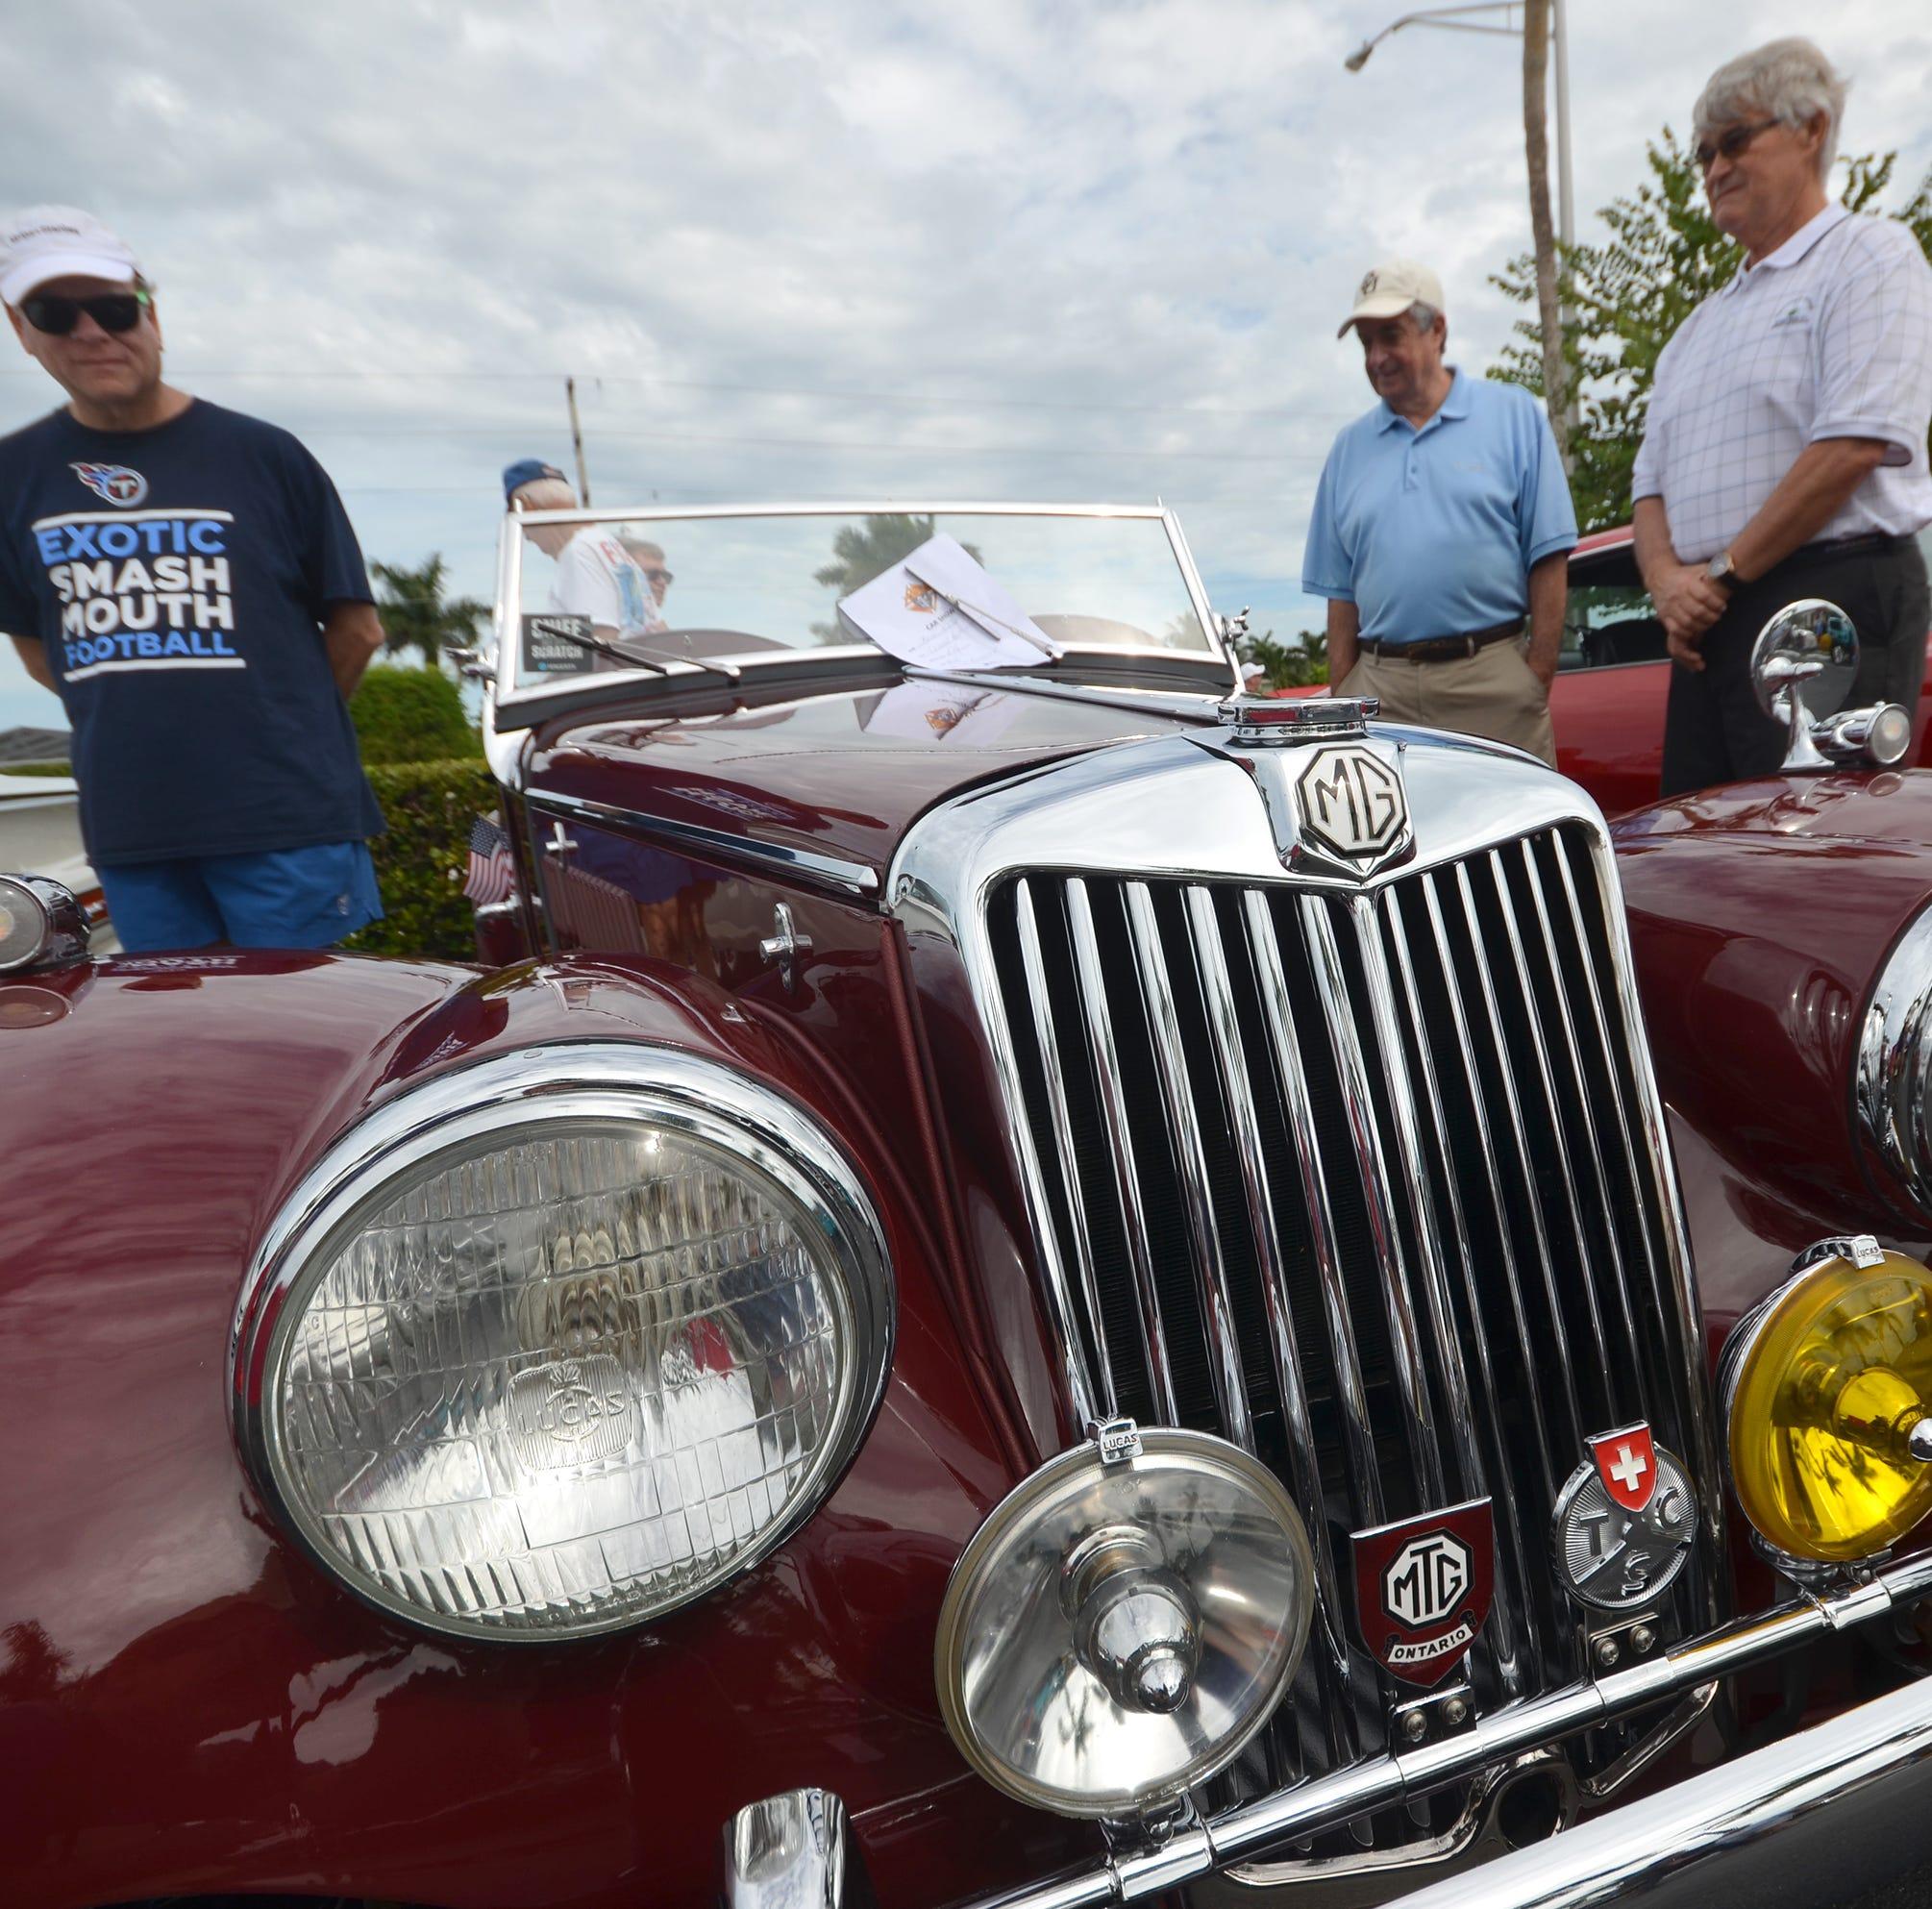 Knights of Columbus hold inaugural car show at San Marco